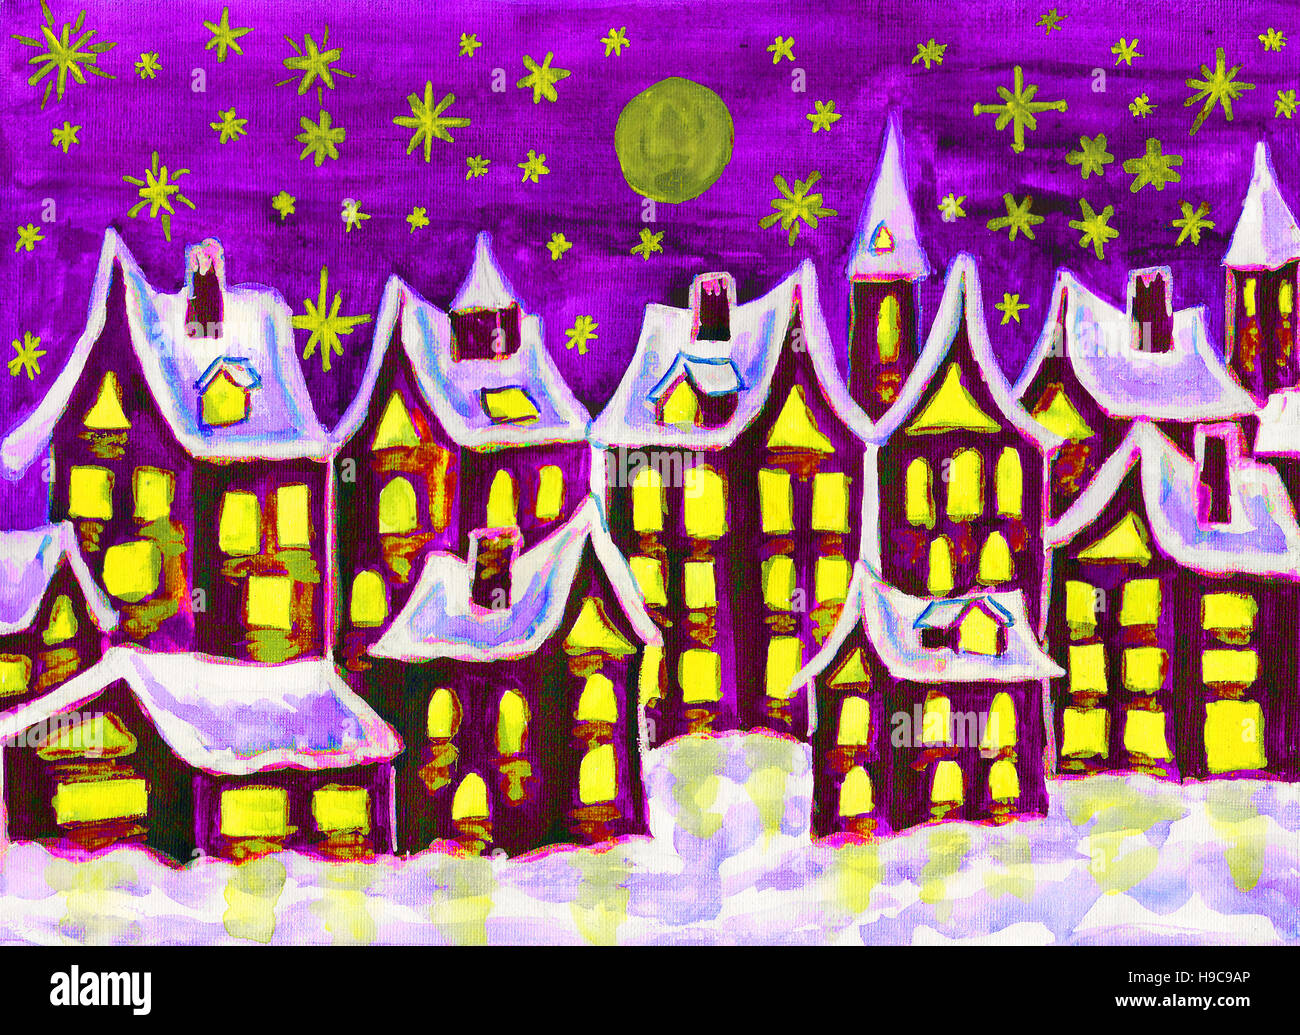 Weihnachtsbilder Suchen.Gemälde Aquarelle Märchen Träume Stadt Im Winter Als Illustration